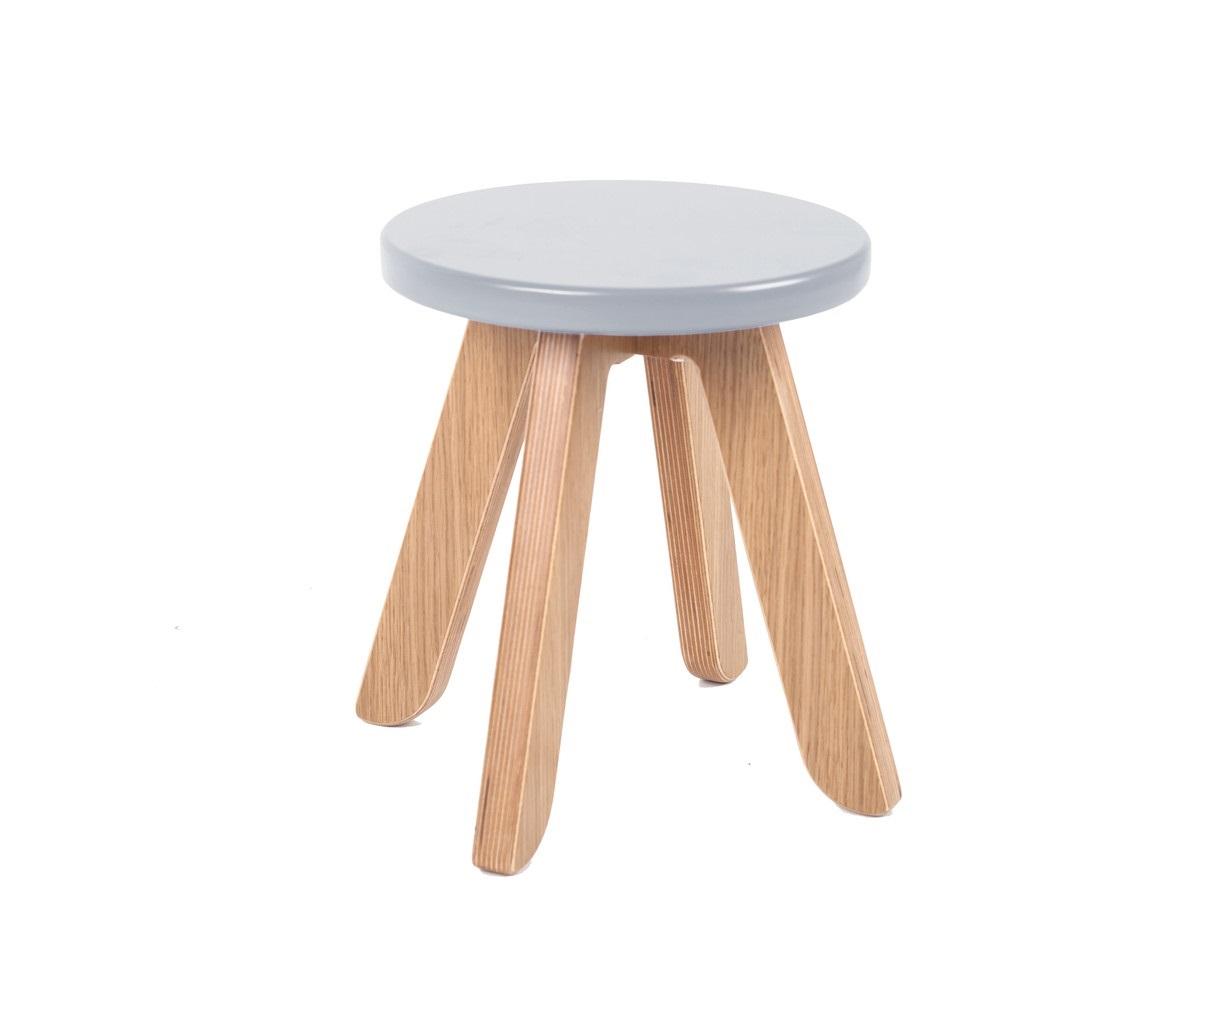 Табурет MalevichДетские табуреты<br>Табурет составит отличную компанию столу и стулу. Например, на нем удобно расположить принадлежности для рисования, когда стол используется в положении мольберта. Наличие табурета также позволит маме сидеть за столом на одном уровне с ребенком.&amp;amp;nbsp;&amp;lt;span style=&amp;quot;font-size: 14px;&amp;quot;&amp;gt;&amp;amp;nbsp;&amp;lt;/span&amp;gt;&amp;lt;div style=&amp;quot;font-size: 14px;&amp;quot;&amp;gt;&amp;lt;br&amp;gt;&amp;lt;/div&amp;gt;&amp;lt;div style=&amp;quot;font-size: 14px;&amp;quot;&amp;gt;Материал: березовая фанера, дубовый шпон.&amp;lt;/div&amp;gt;<br><br>Material: Фанера<br>Высота см: 29